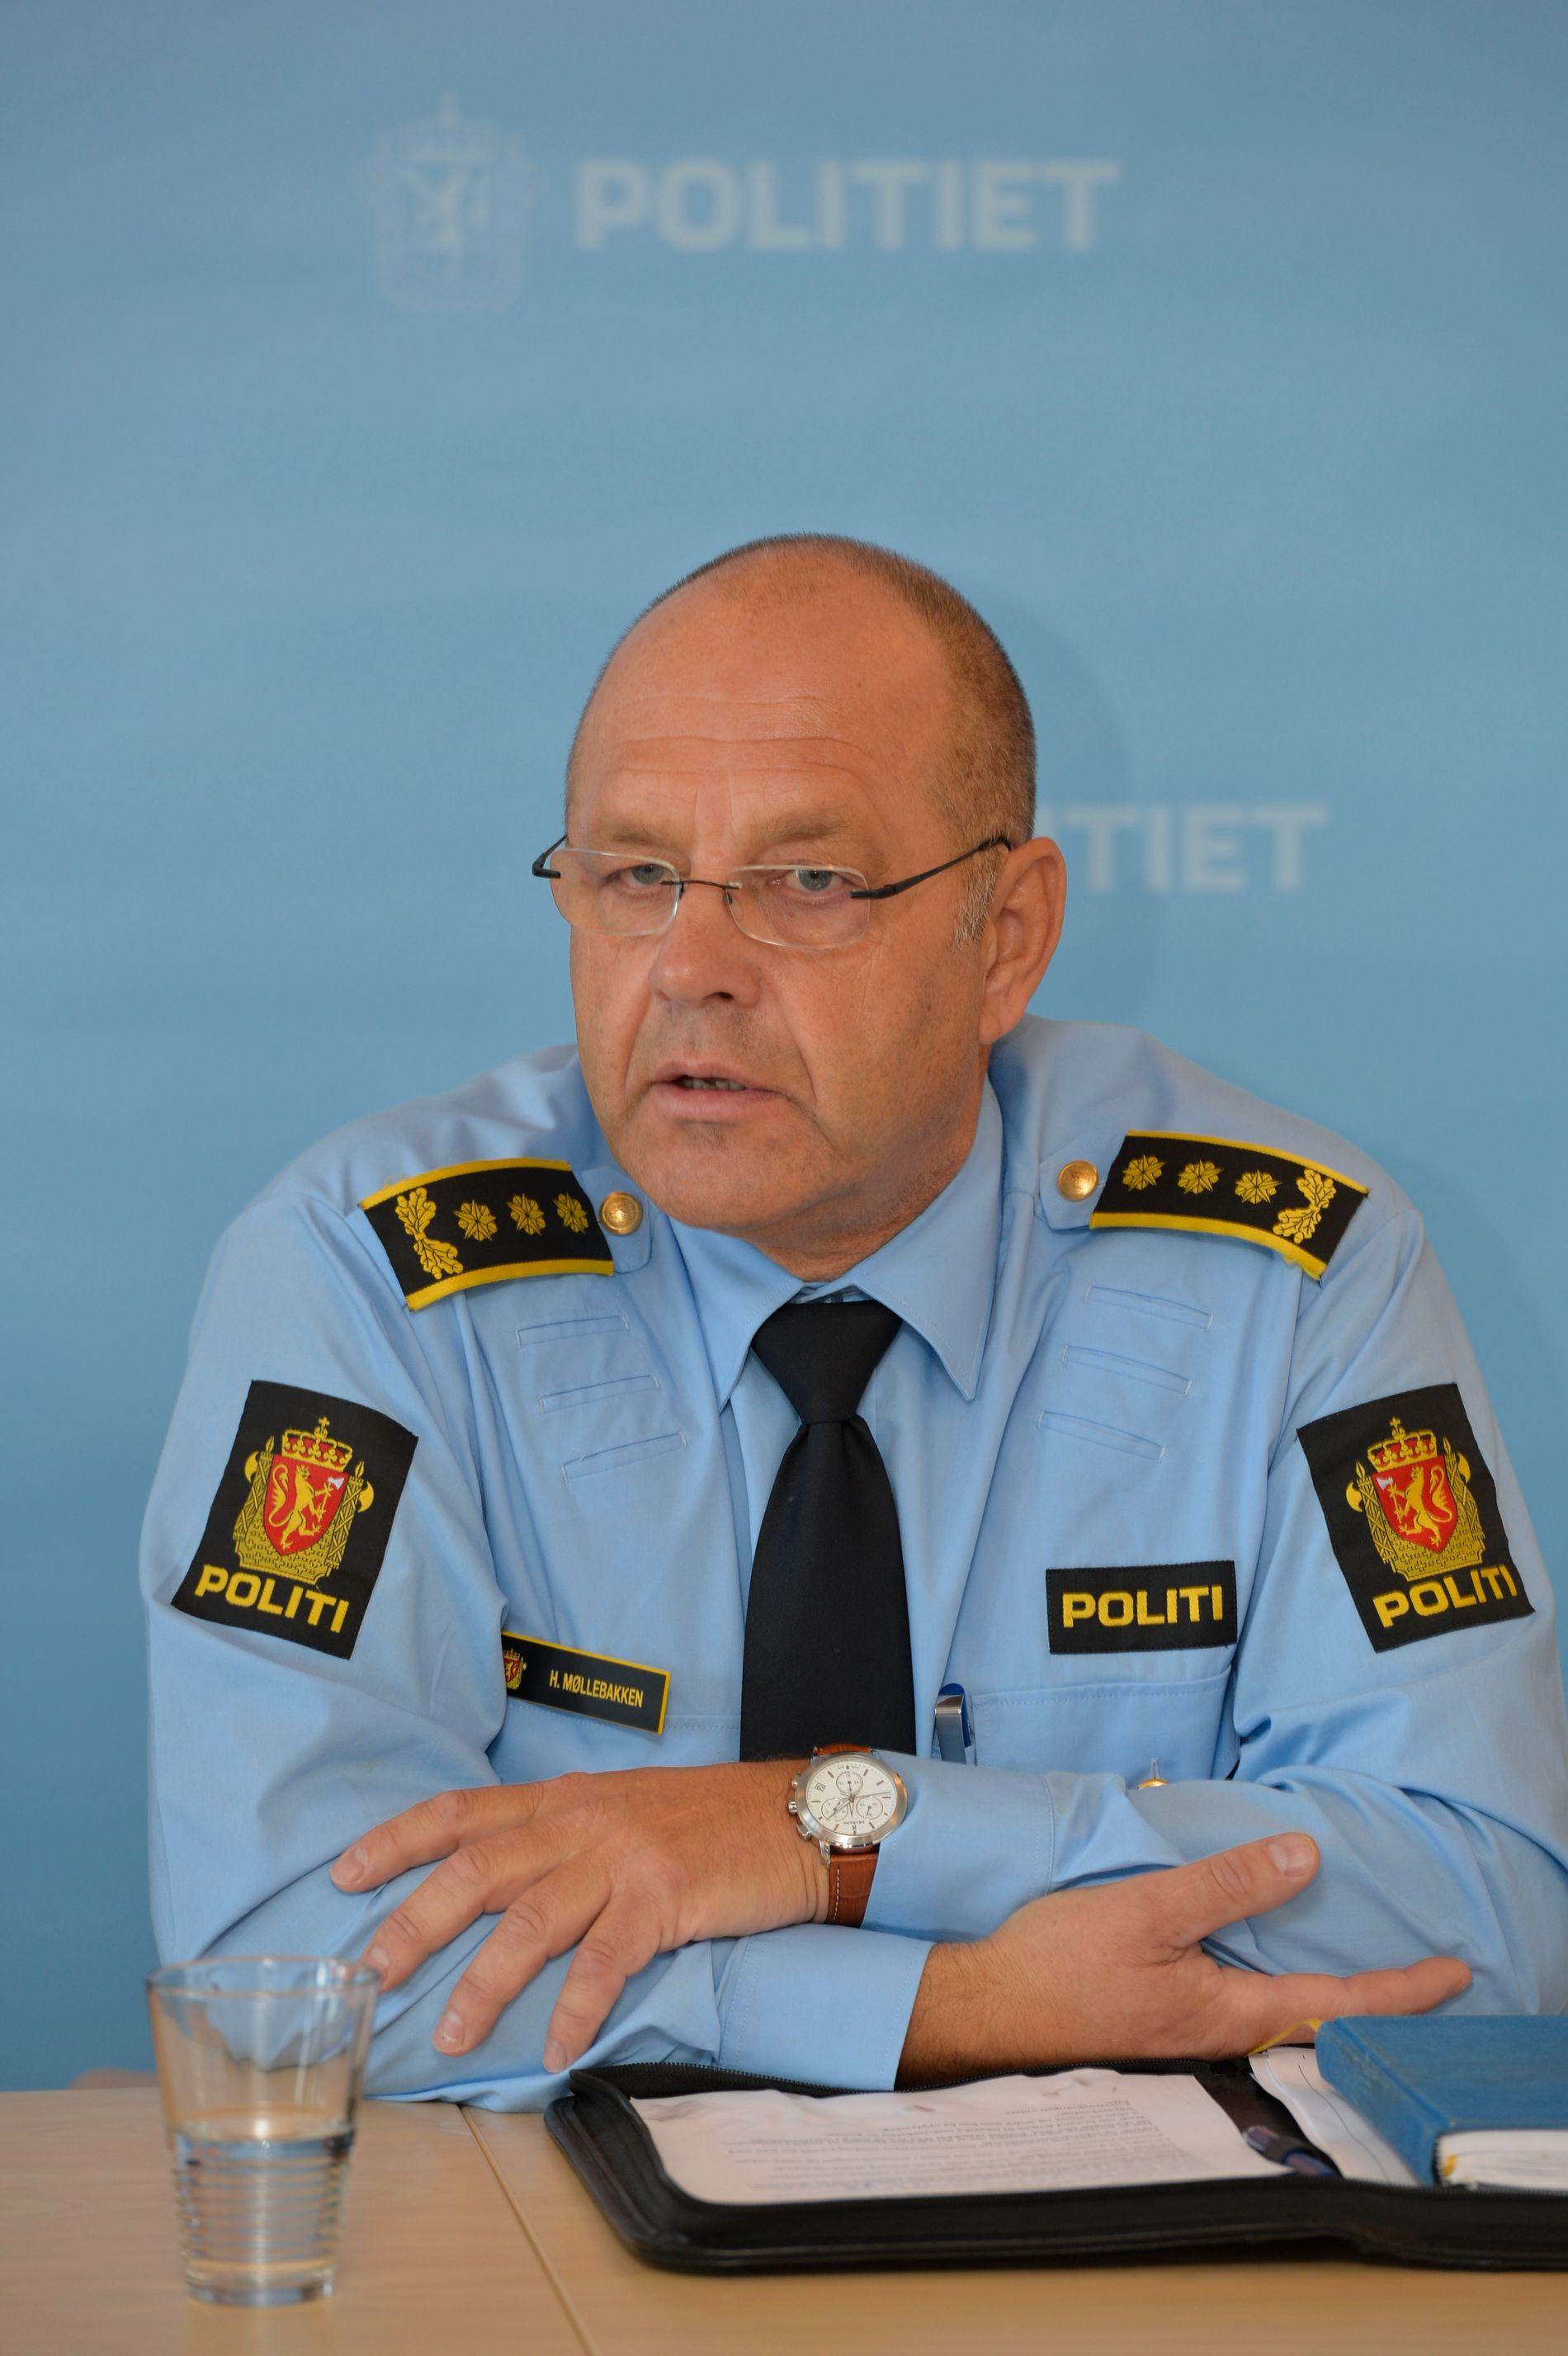 ØVERSTE LEDER: Politistasjonssjef Stasjonssjef Hans Møllerbakken.